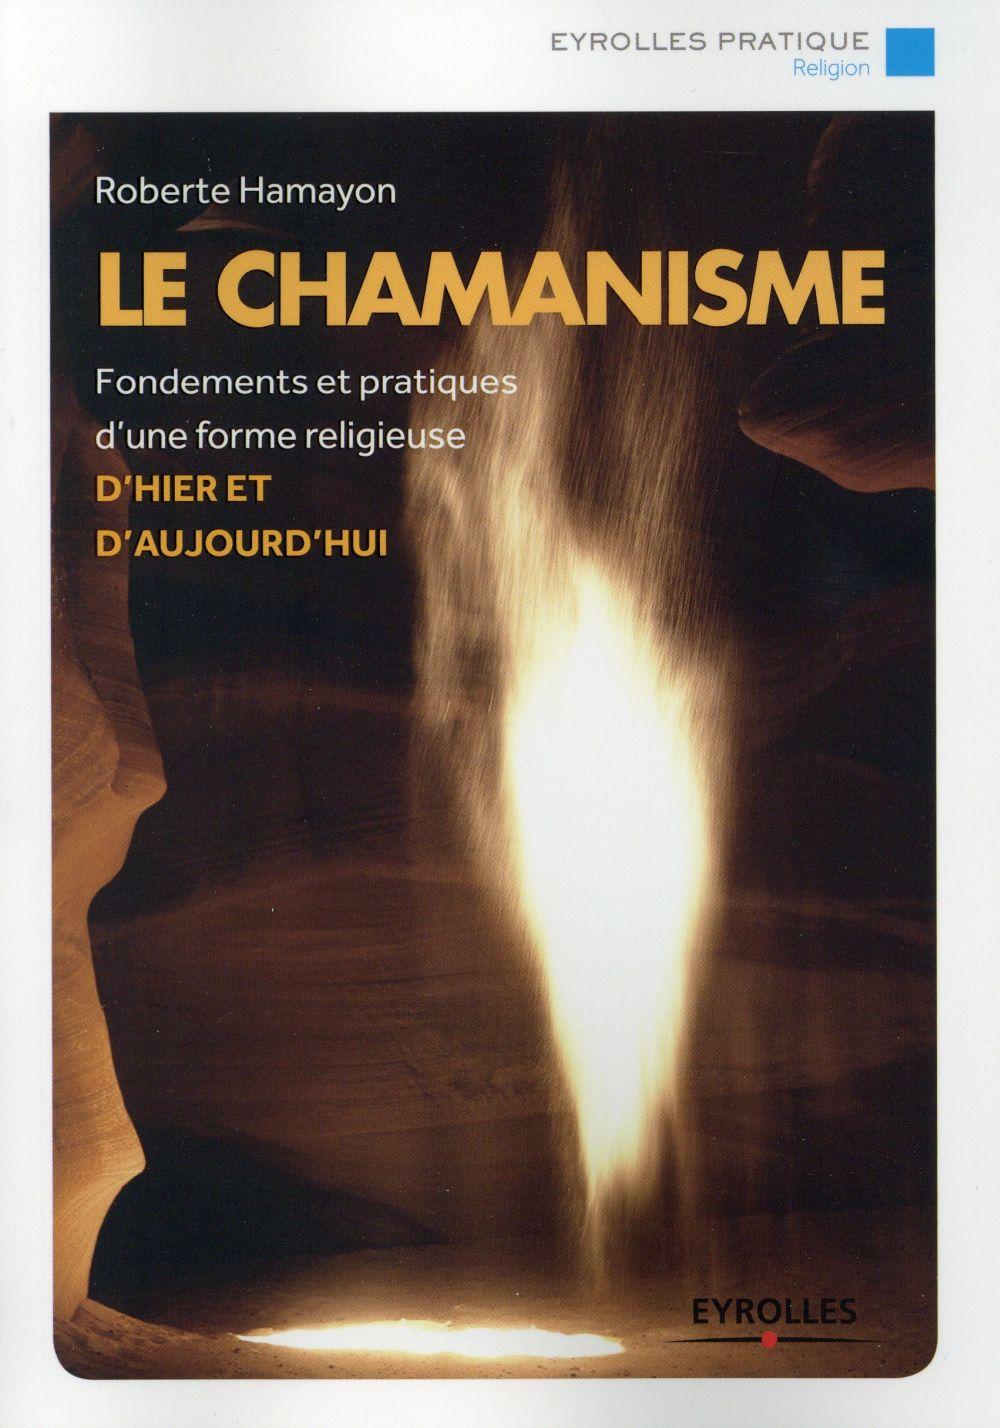 Le chamanisme ; fondements et pratiques d'une forme religieuse d'hier et aujourd'hui